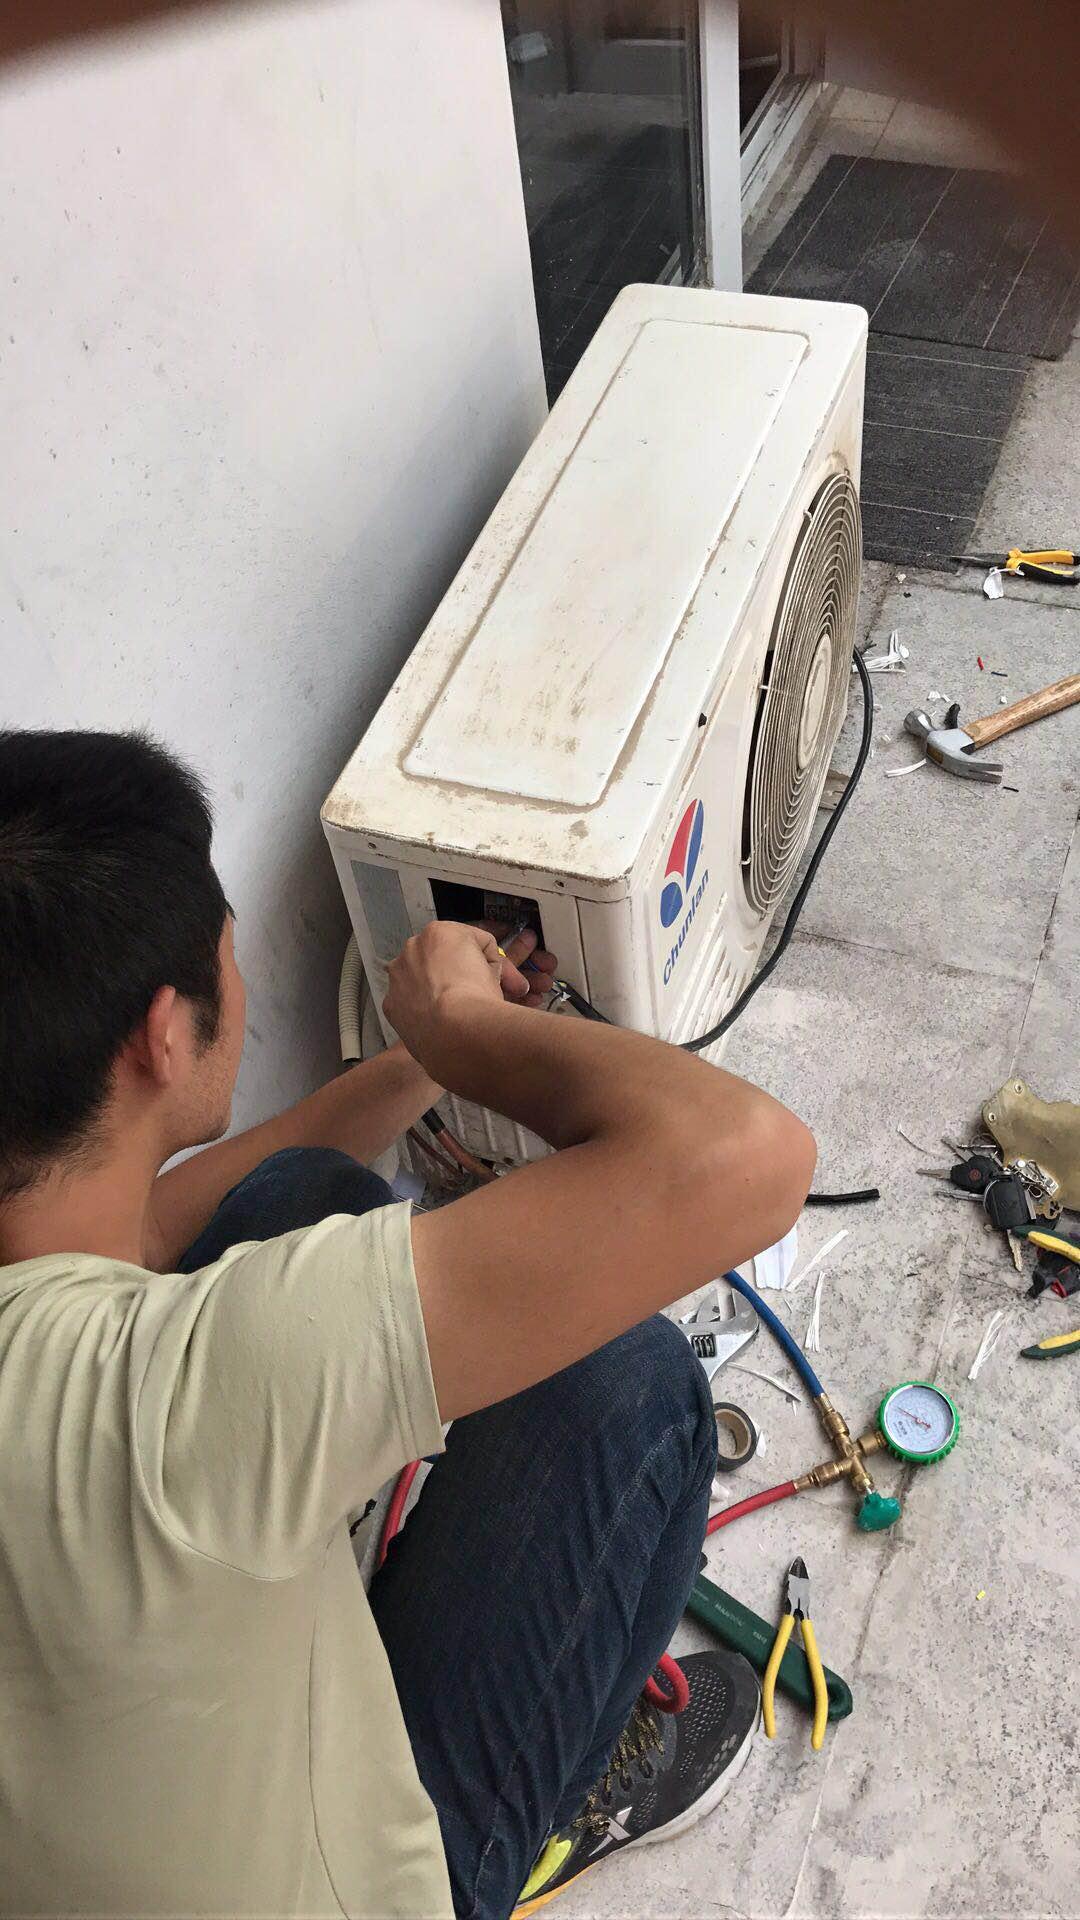 芦淞空调安装需要注意哪些事项?